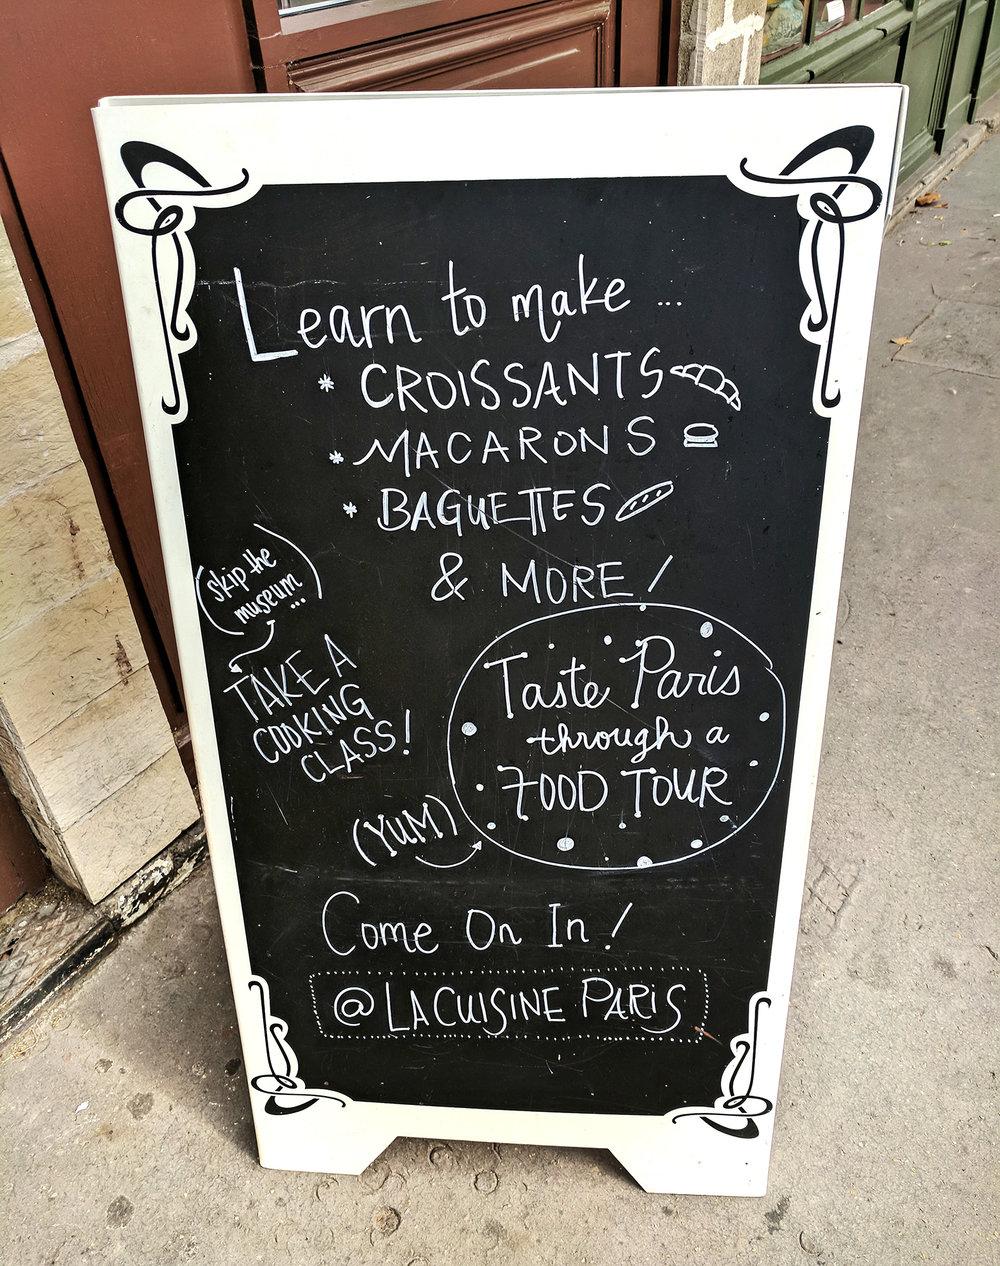 La Cuisine classes